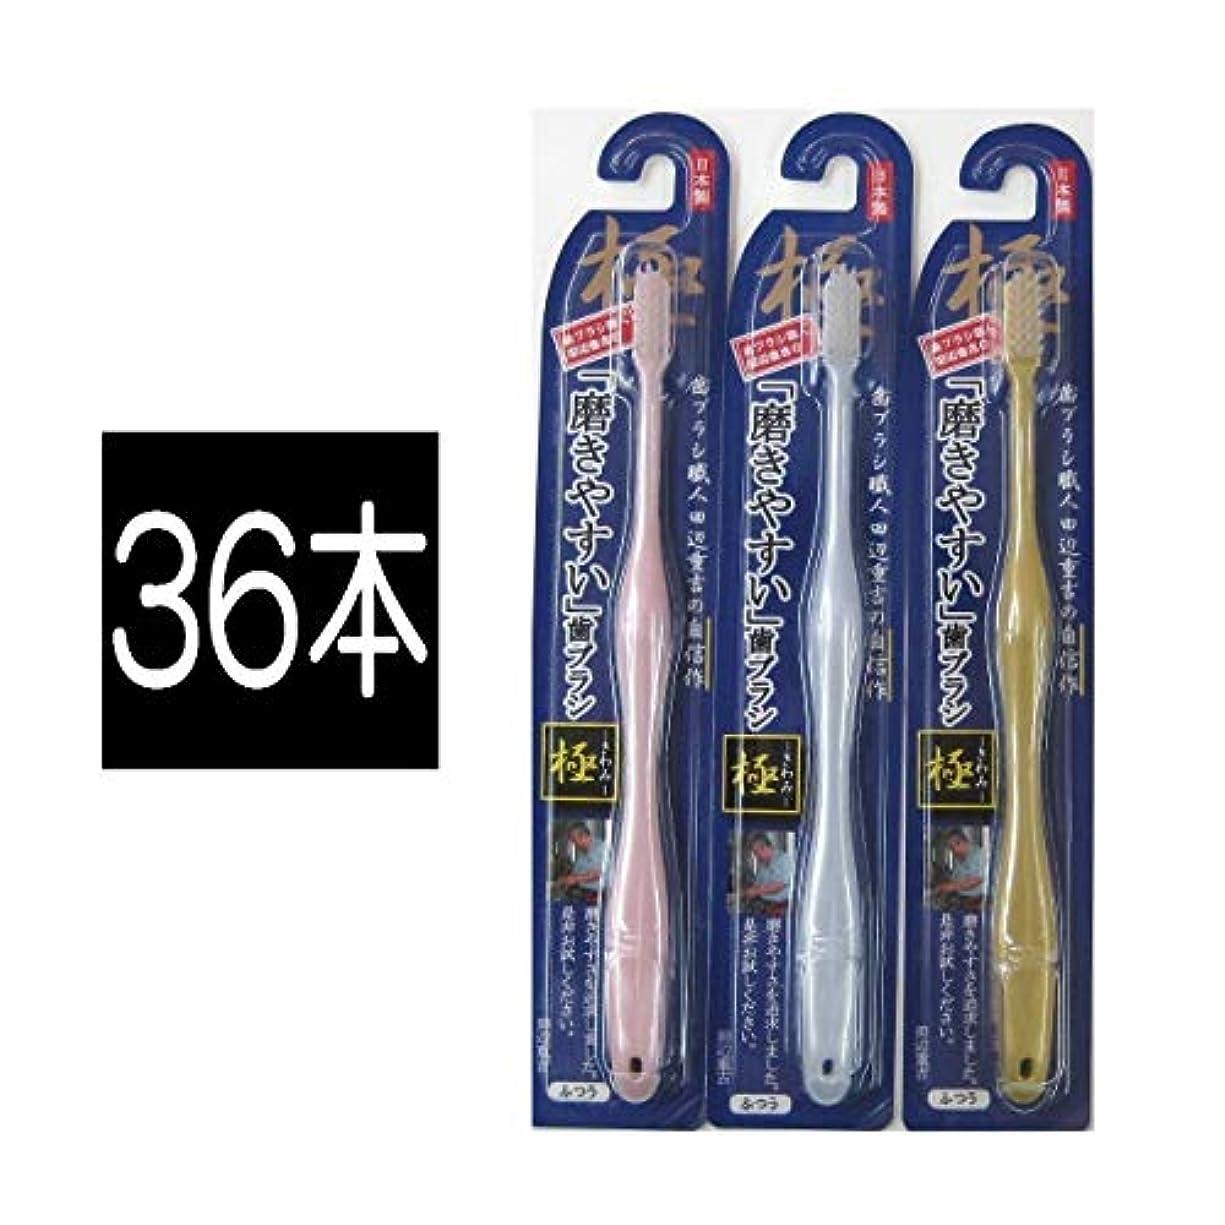 作曲するハイライト礼拝歯ブラシ職人 田辺重吉の磨きやすい歯ブラシ 極 LT-09 (36本)